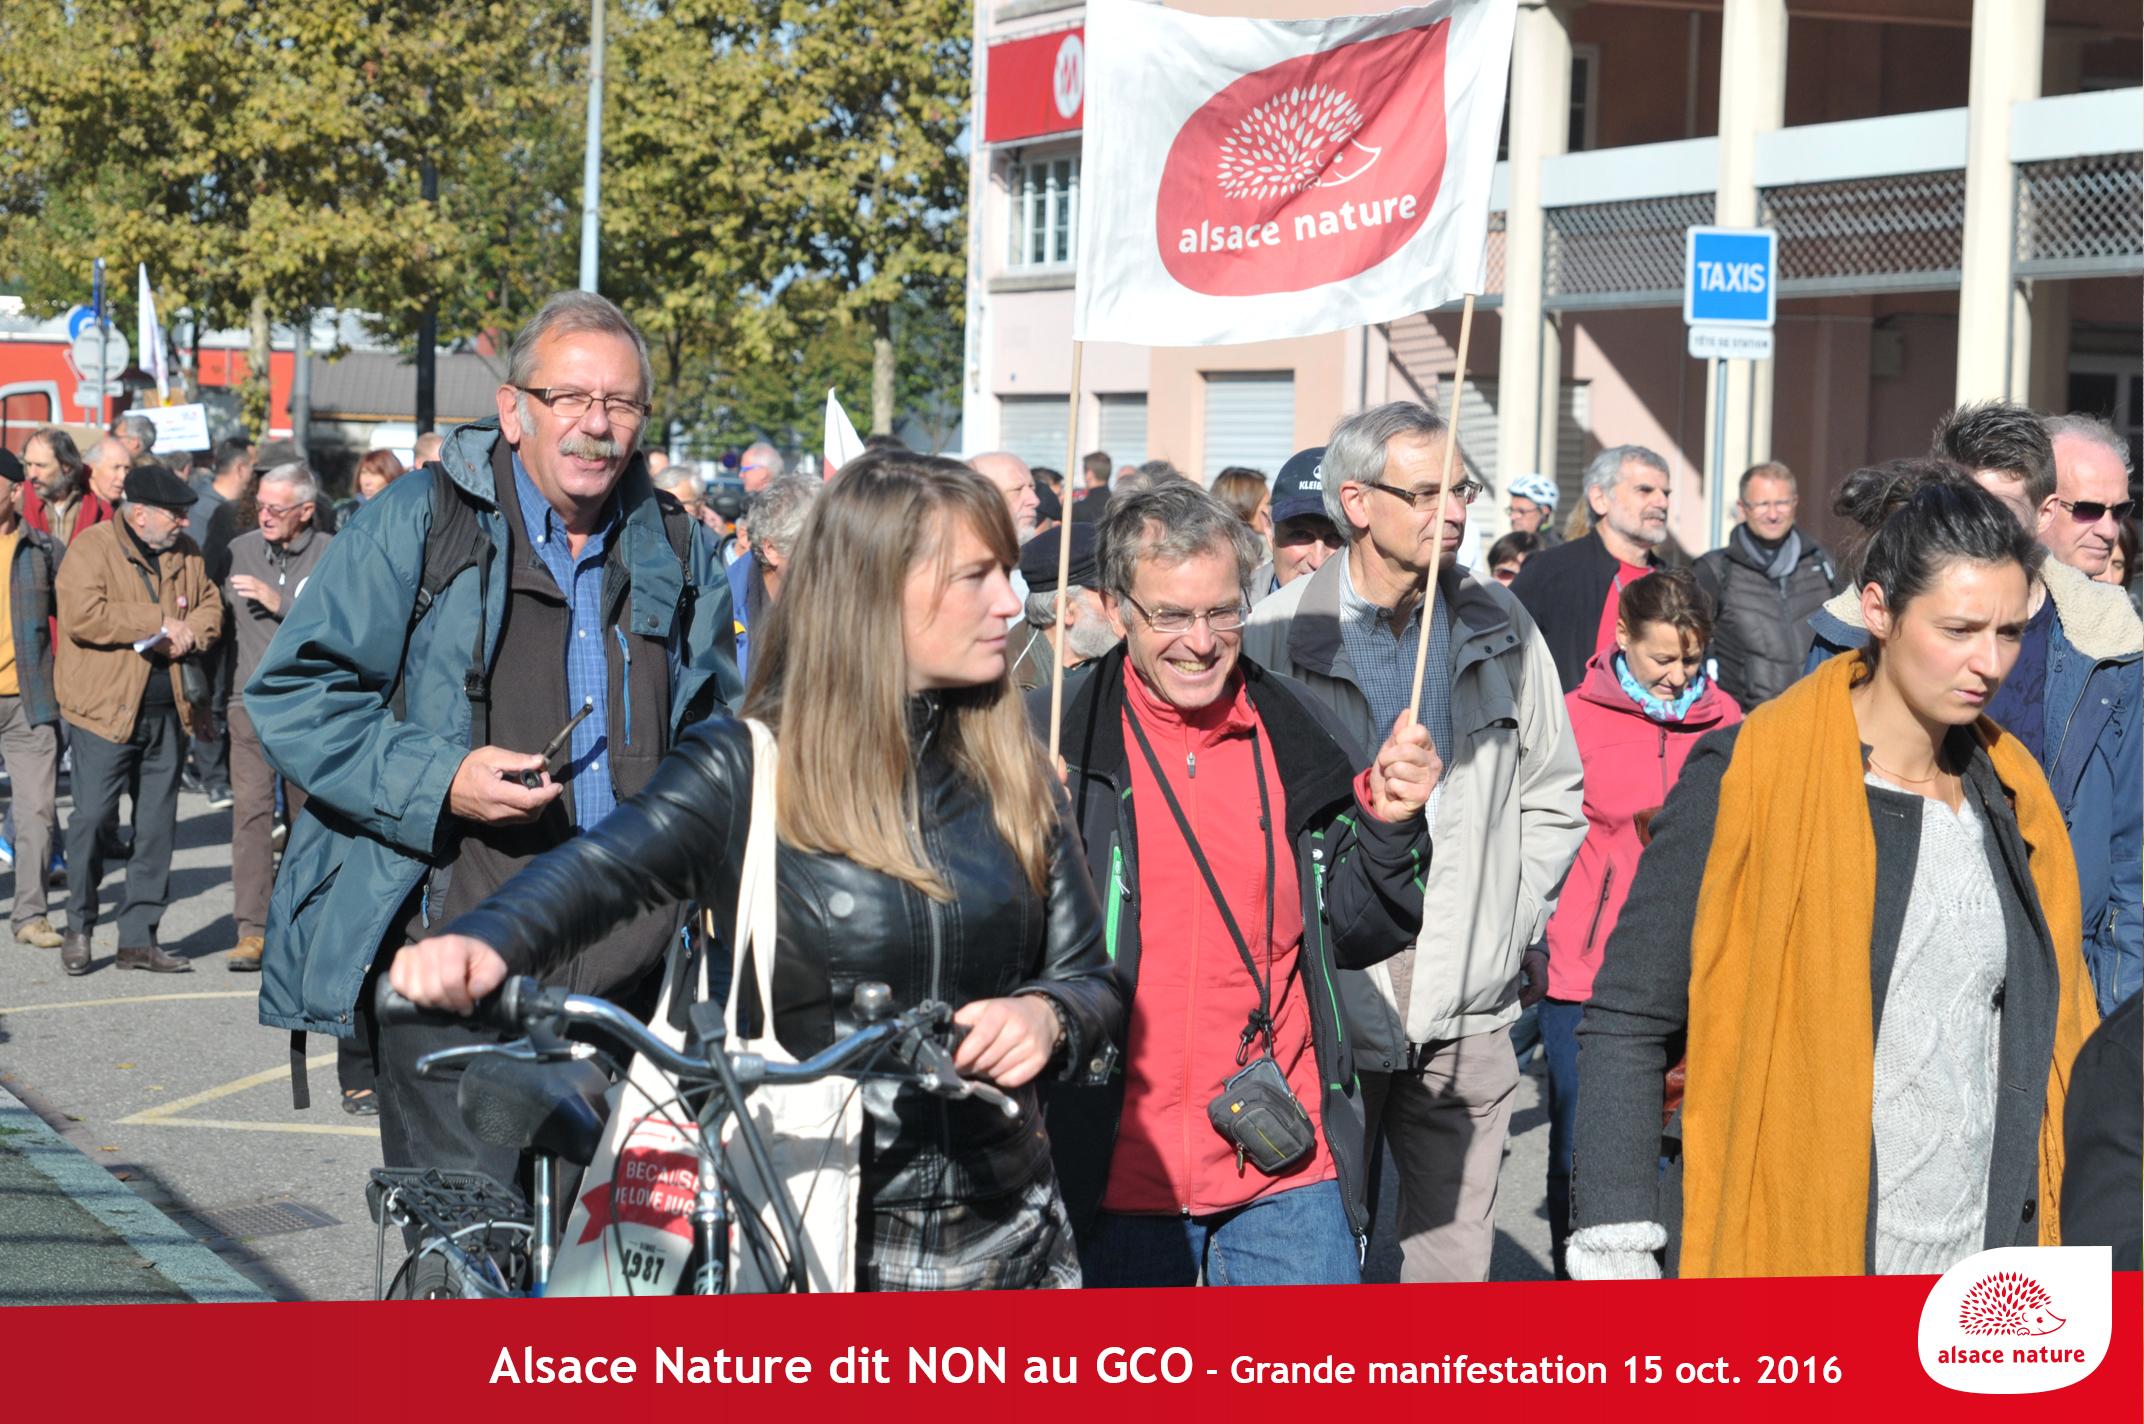 3 000 personnes et 82 tracteurs contre le GCO à Strasbourg